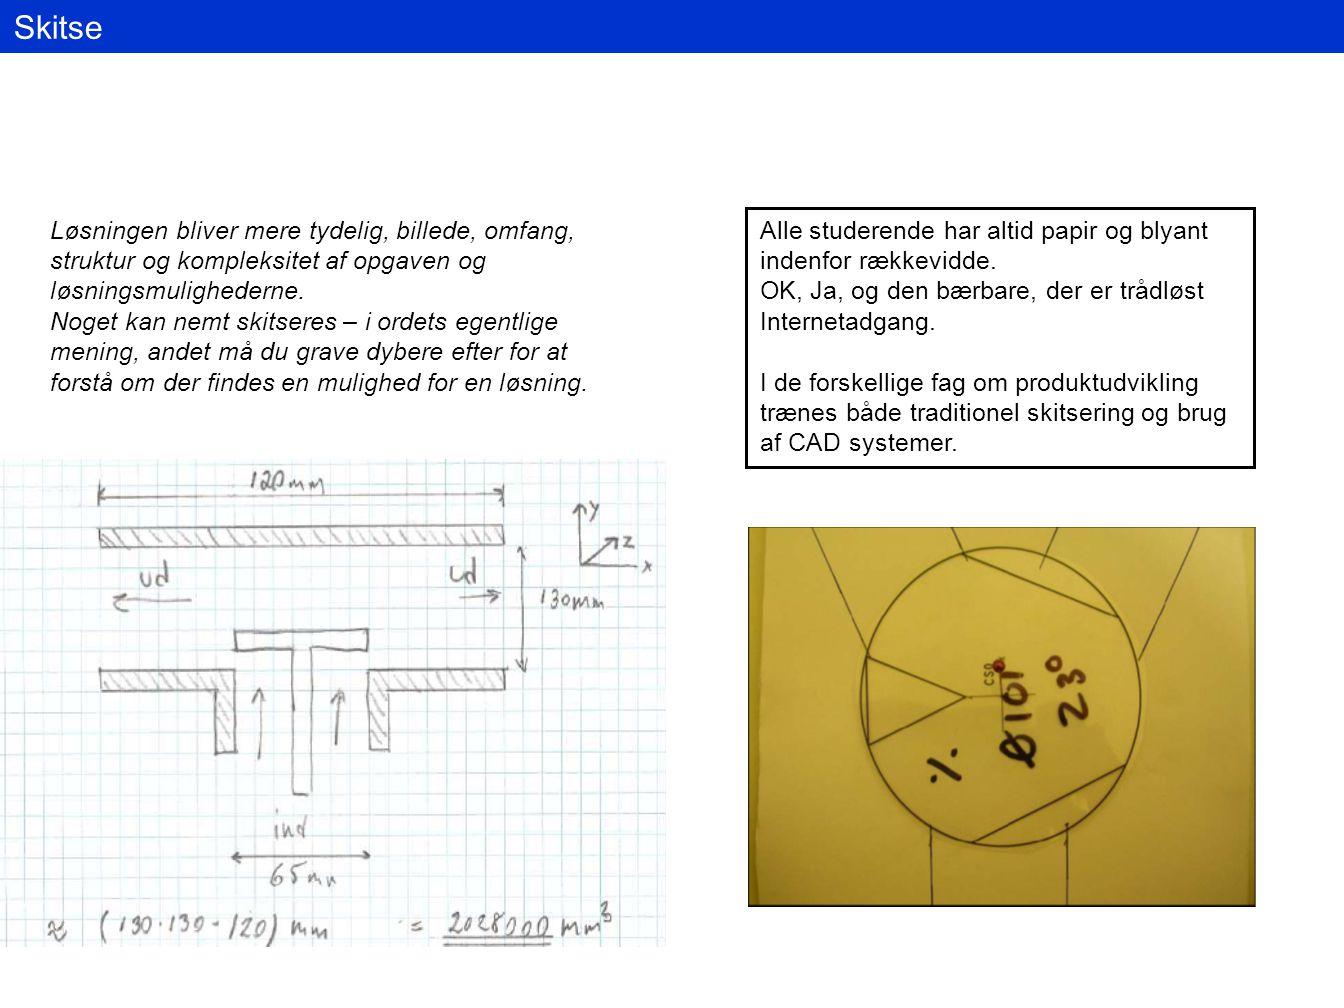 Skitse Løsningen bliver mere tydelig, billede, omfang, struktur og kompleksitet af opgaven og løsningsmulighederne.